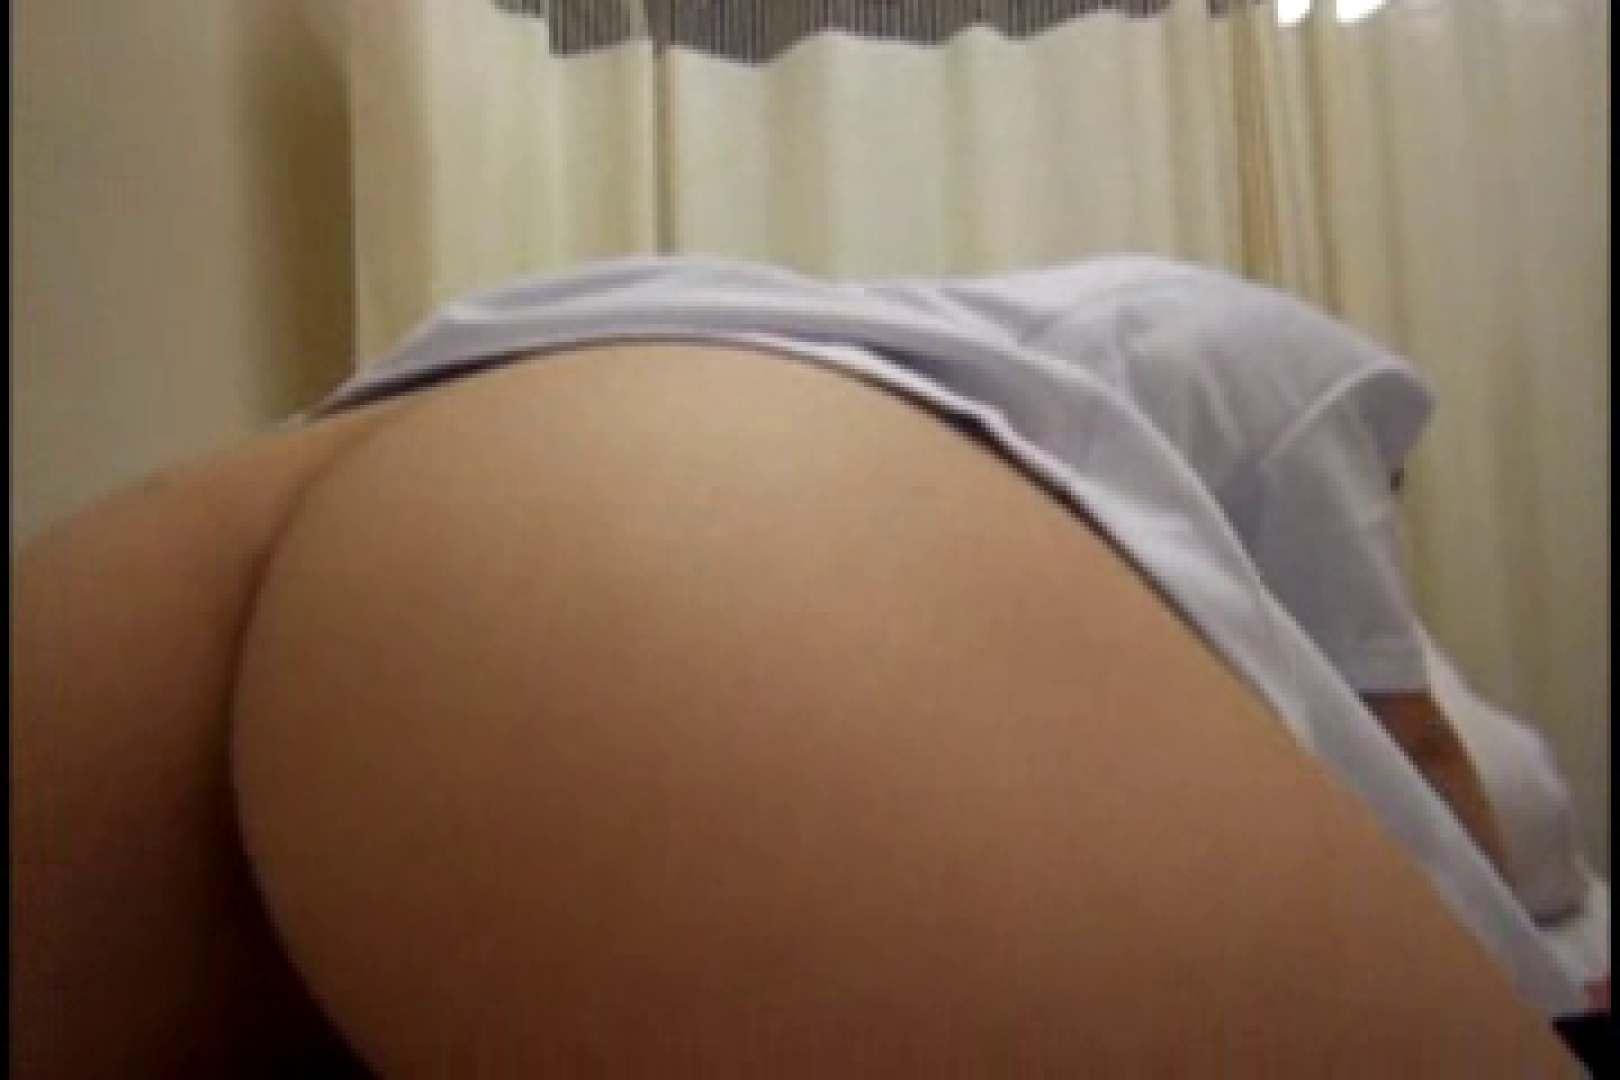 ヤリマンと呼ばれた看護士さんvol2 フェラ のぞき動画画像 106PIX 44